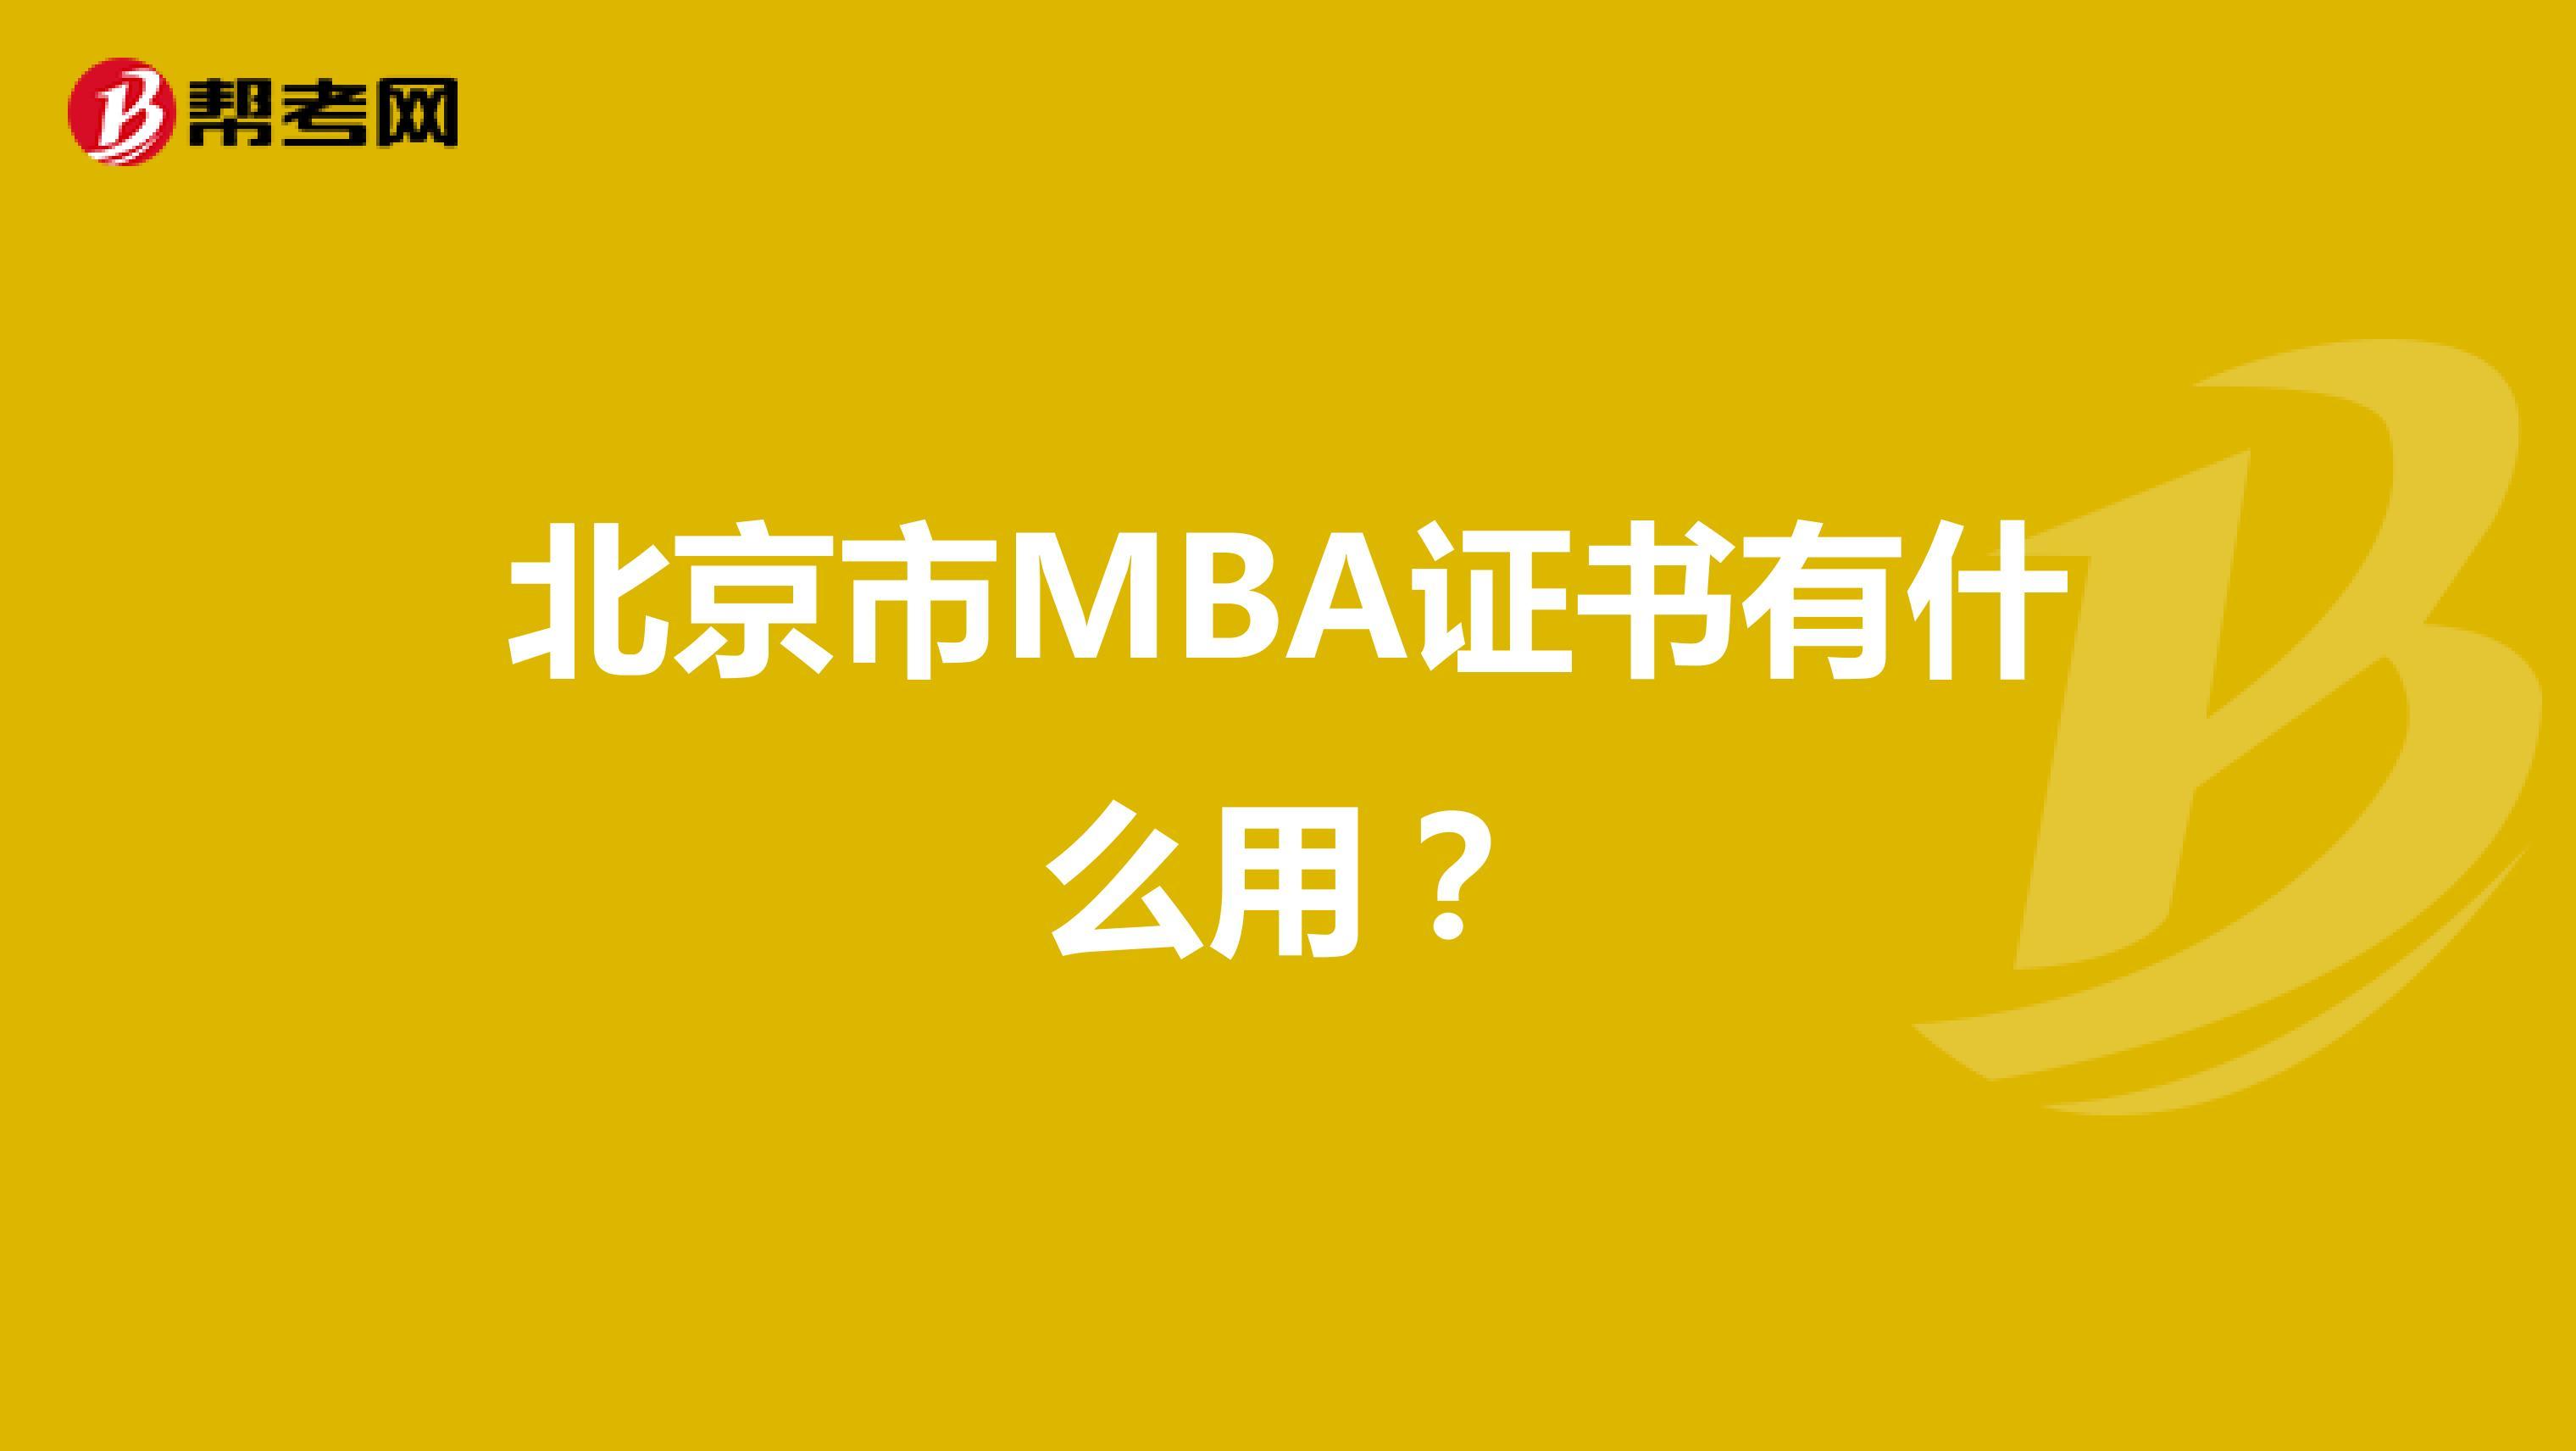 北京市MBA證書有什么用?